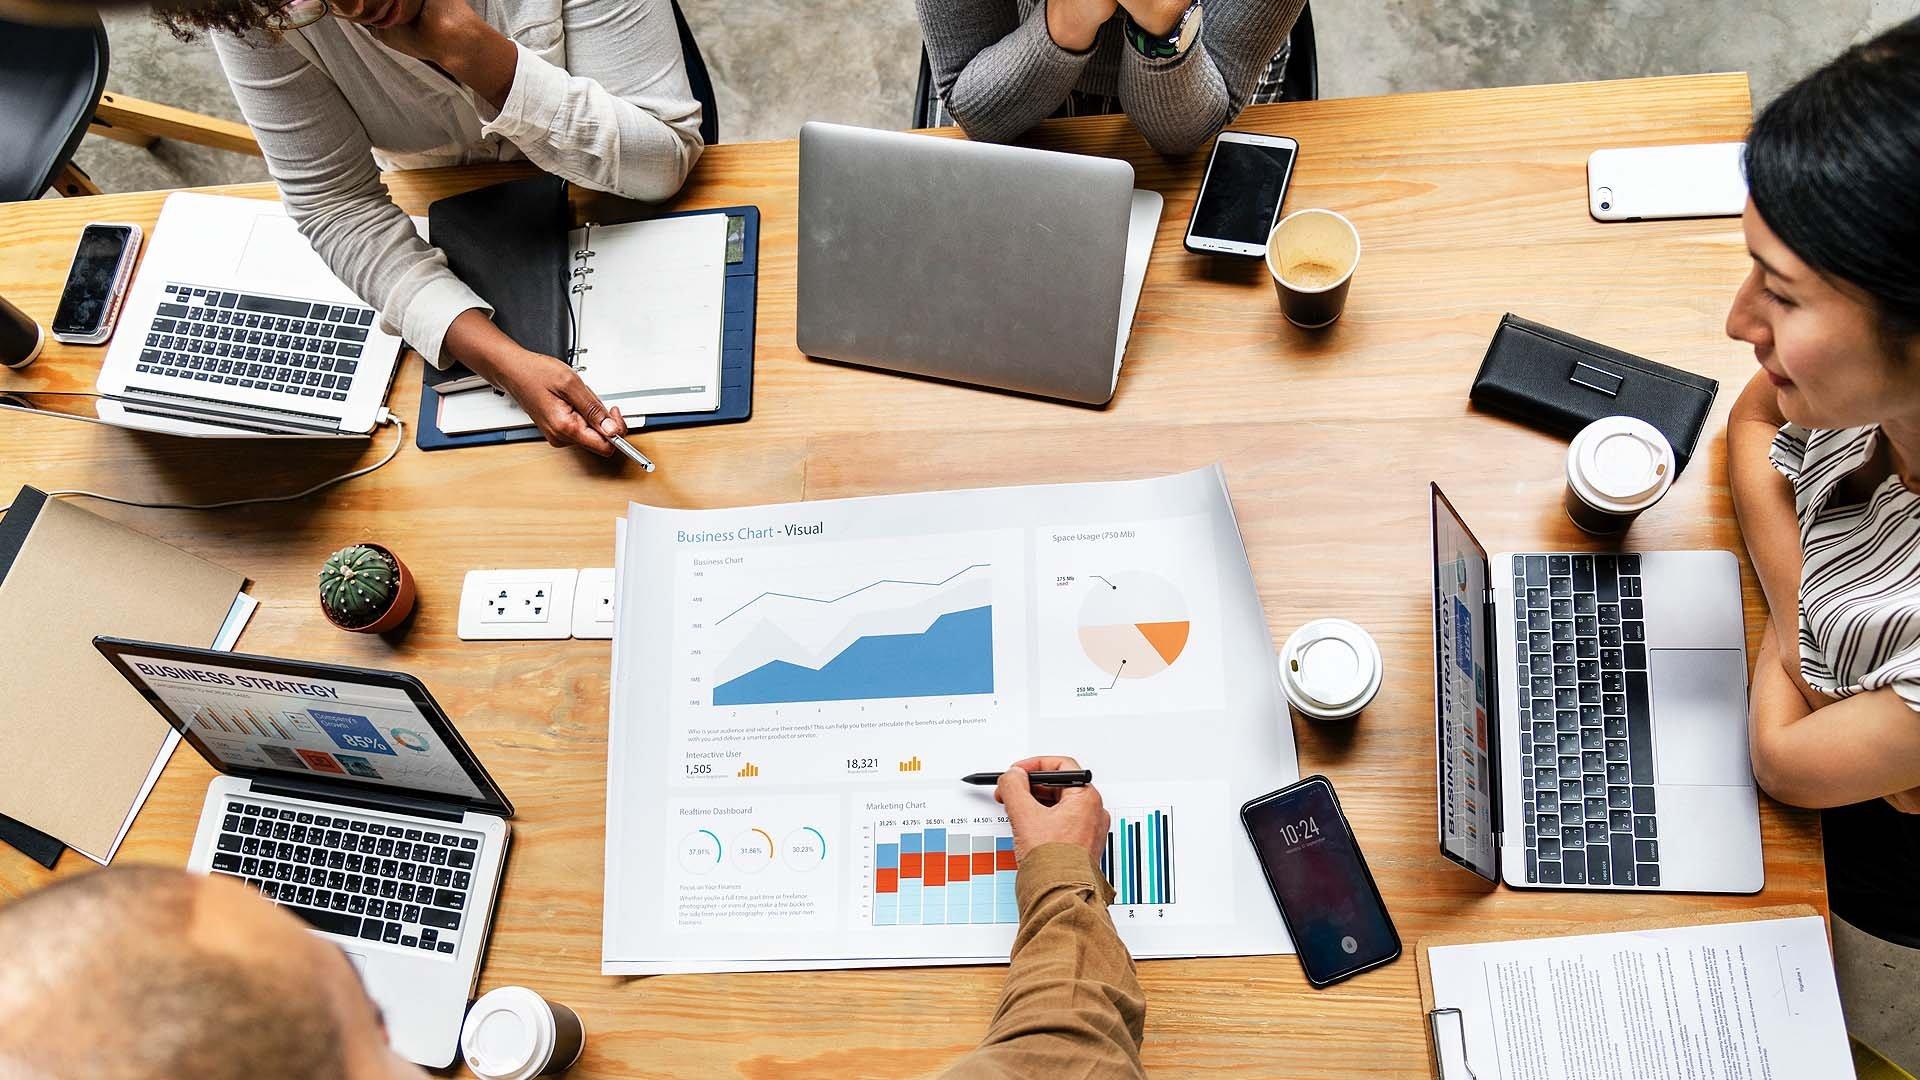 Come si articola la business intelligence